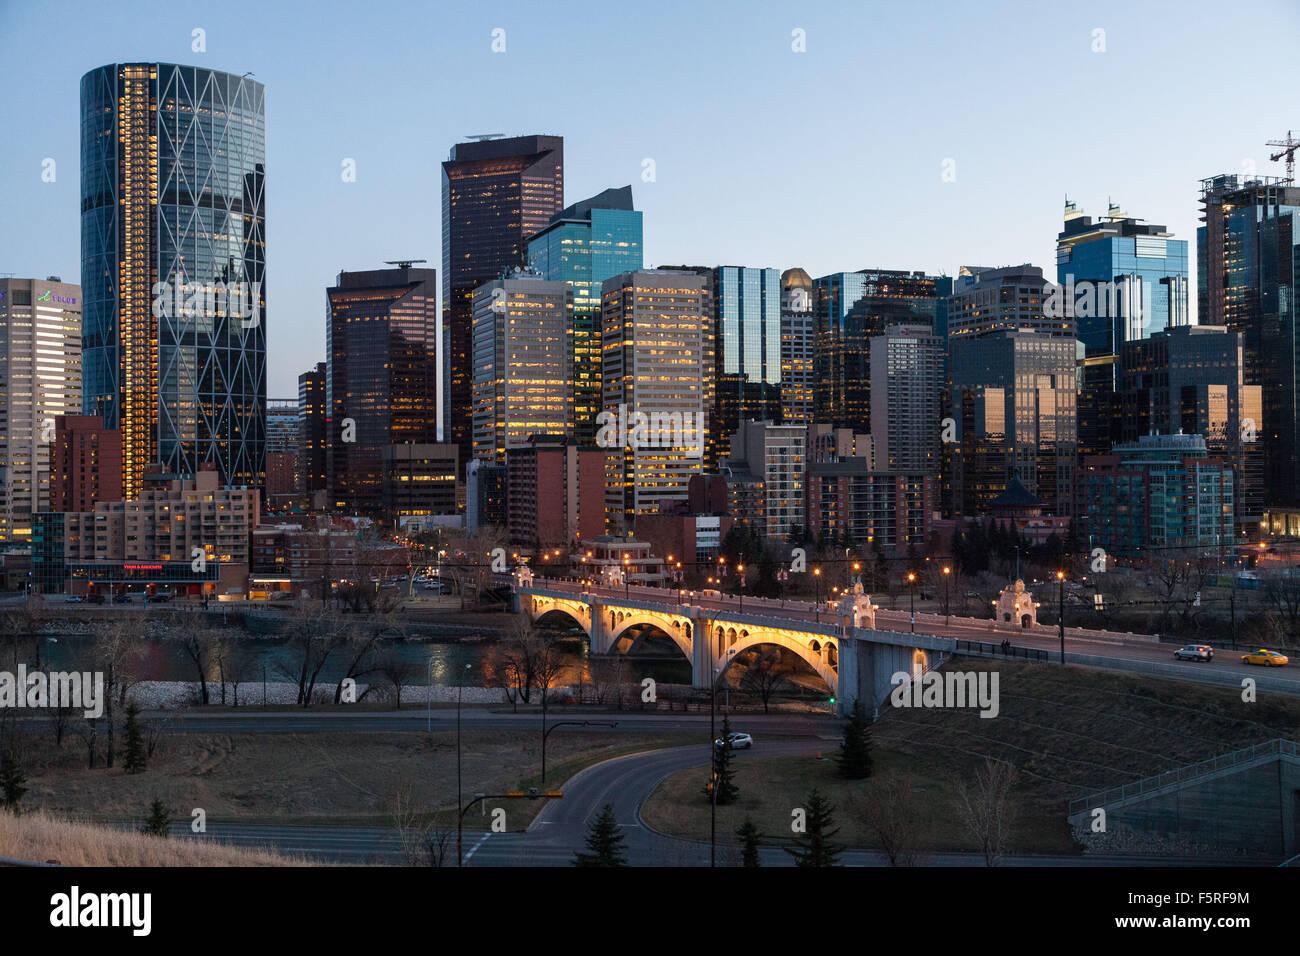 Die Innenstadt von Calgary, Stadtbild, urban Skyline am frühen Morgen. Stockbild